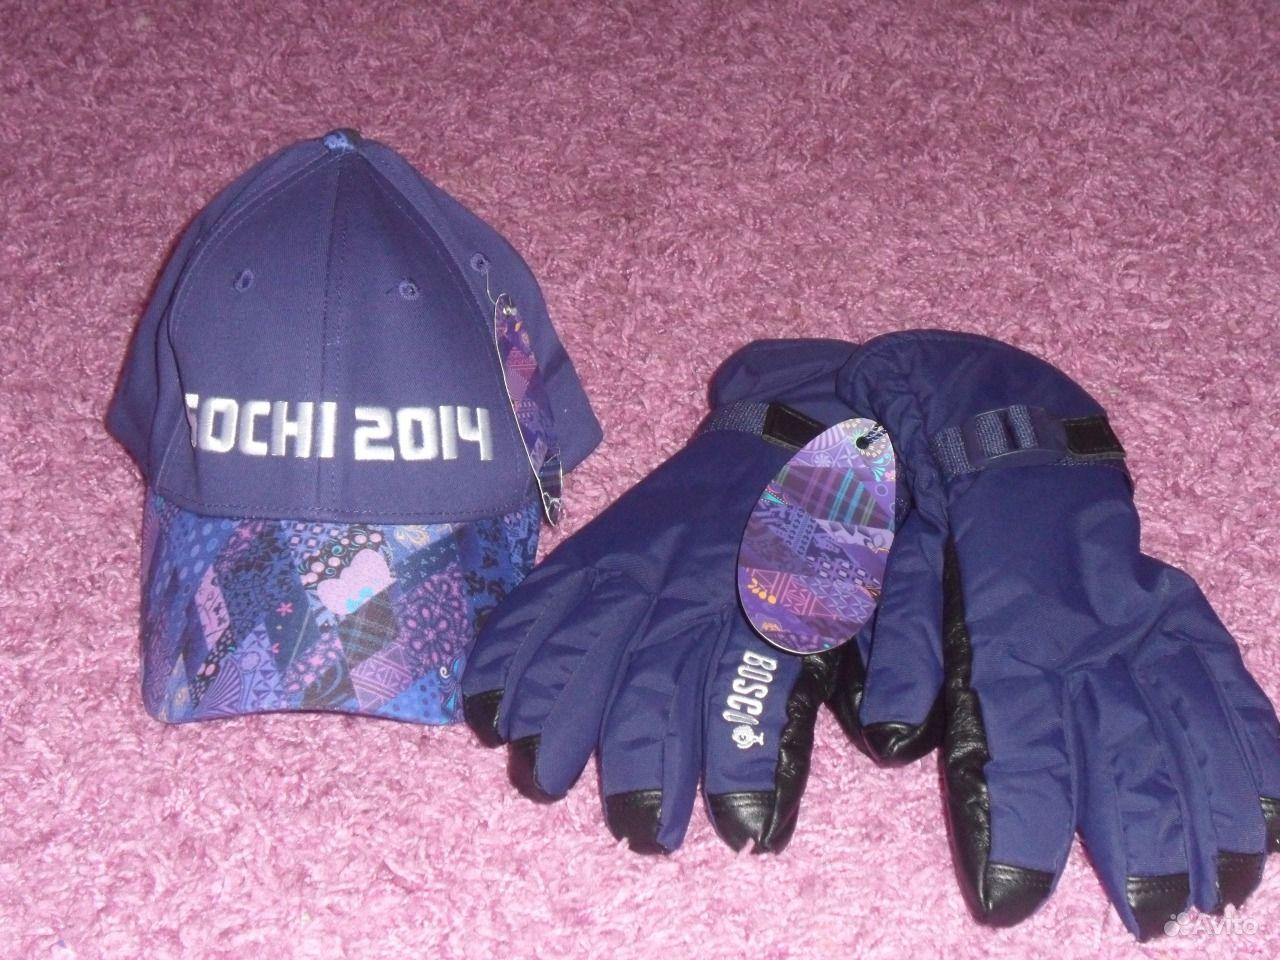 Олимпийская одежда сочи 2014 купить